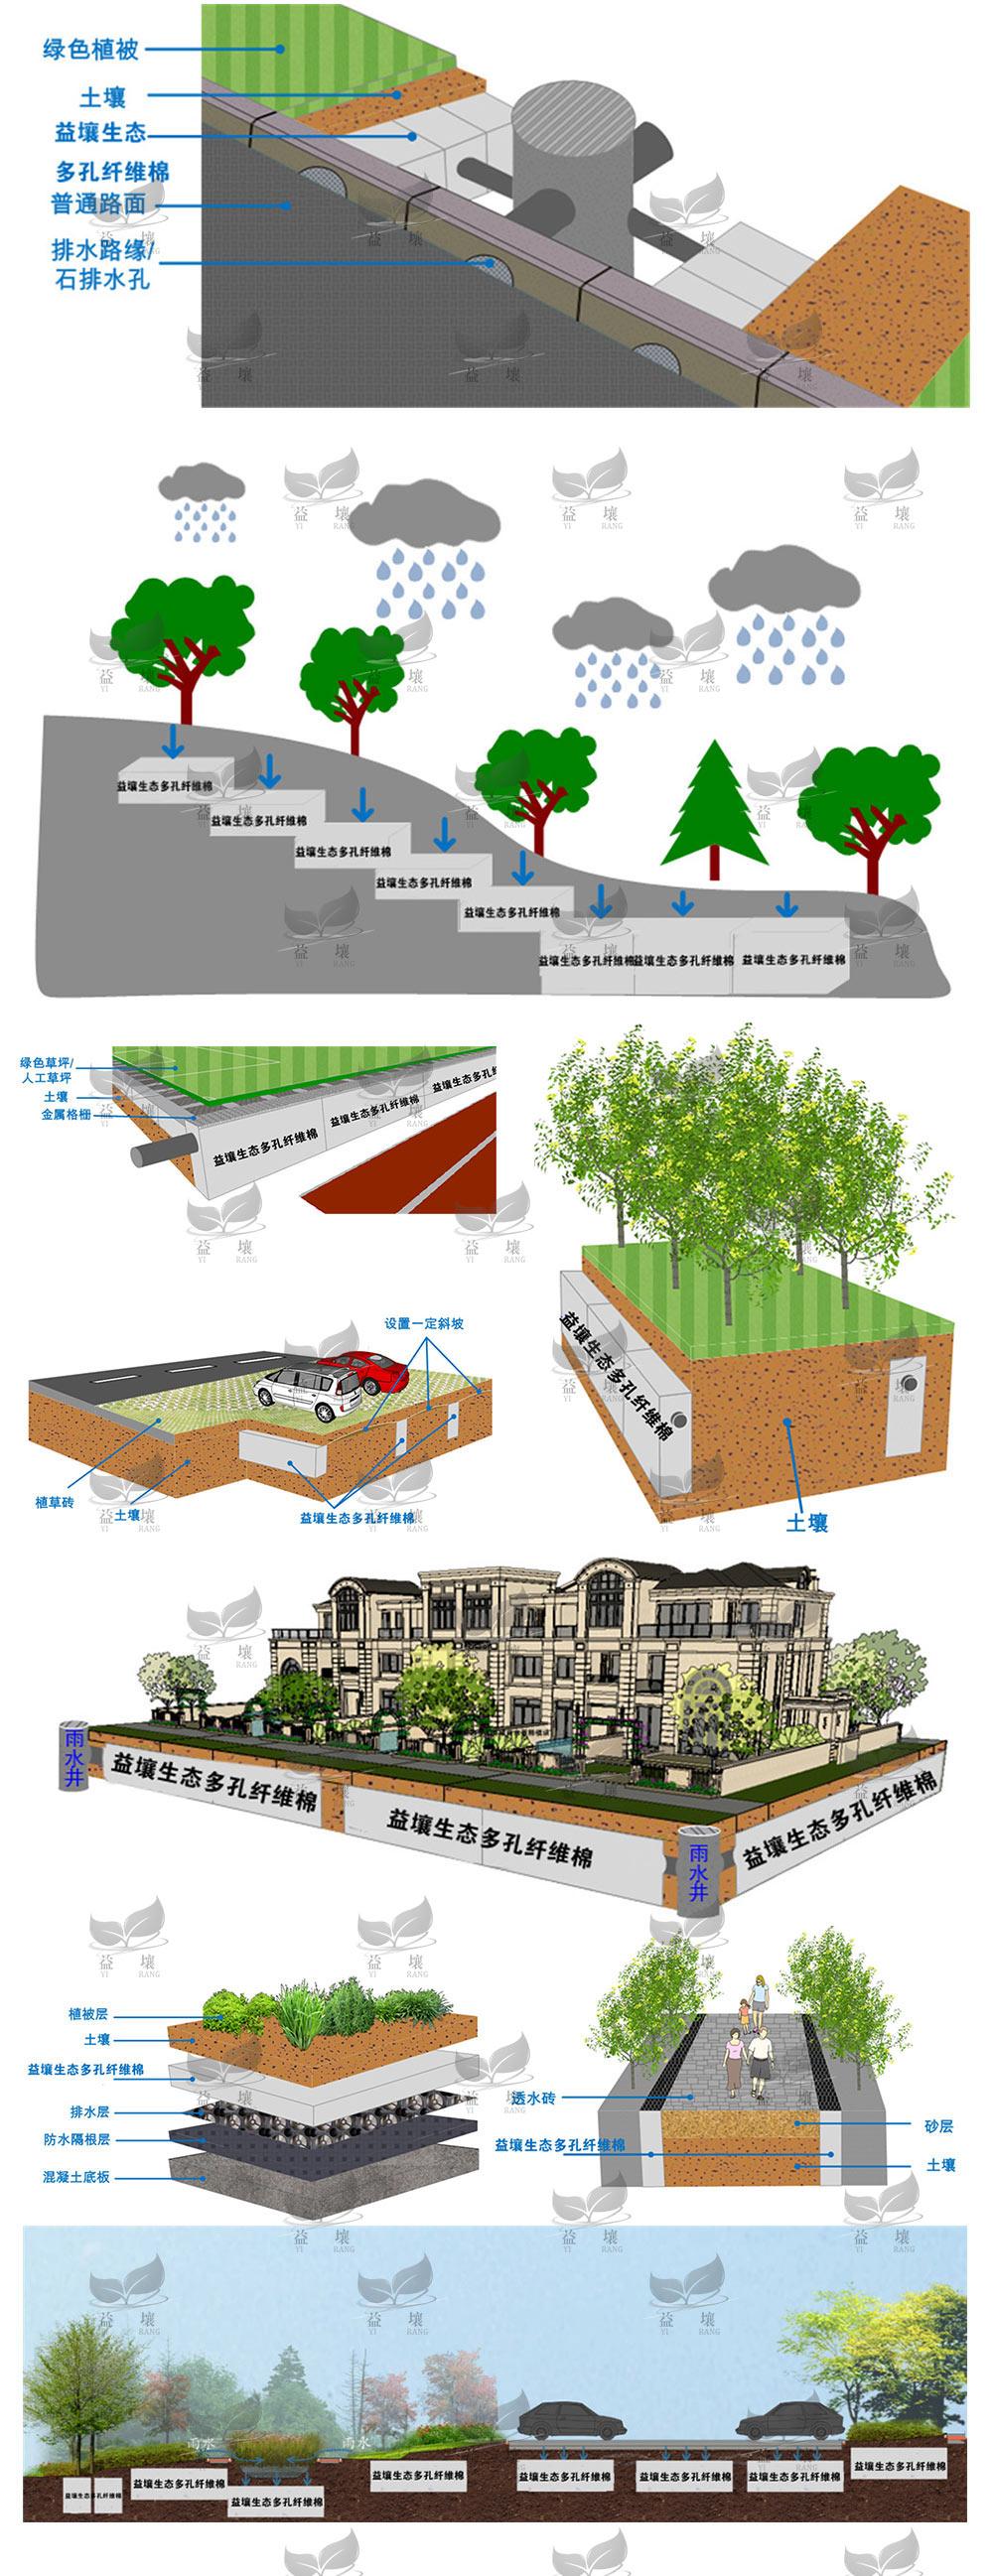 生态多孔纤维棉使用场景的立体结构图